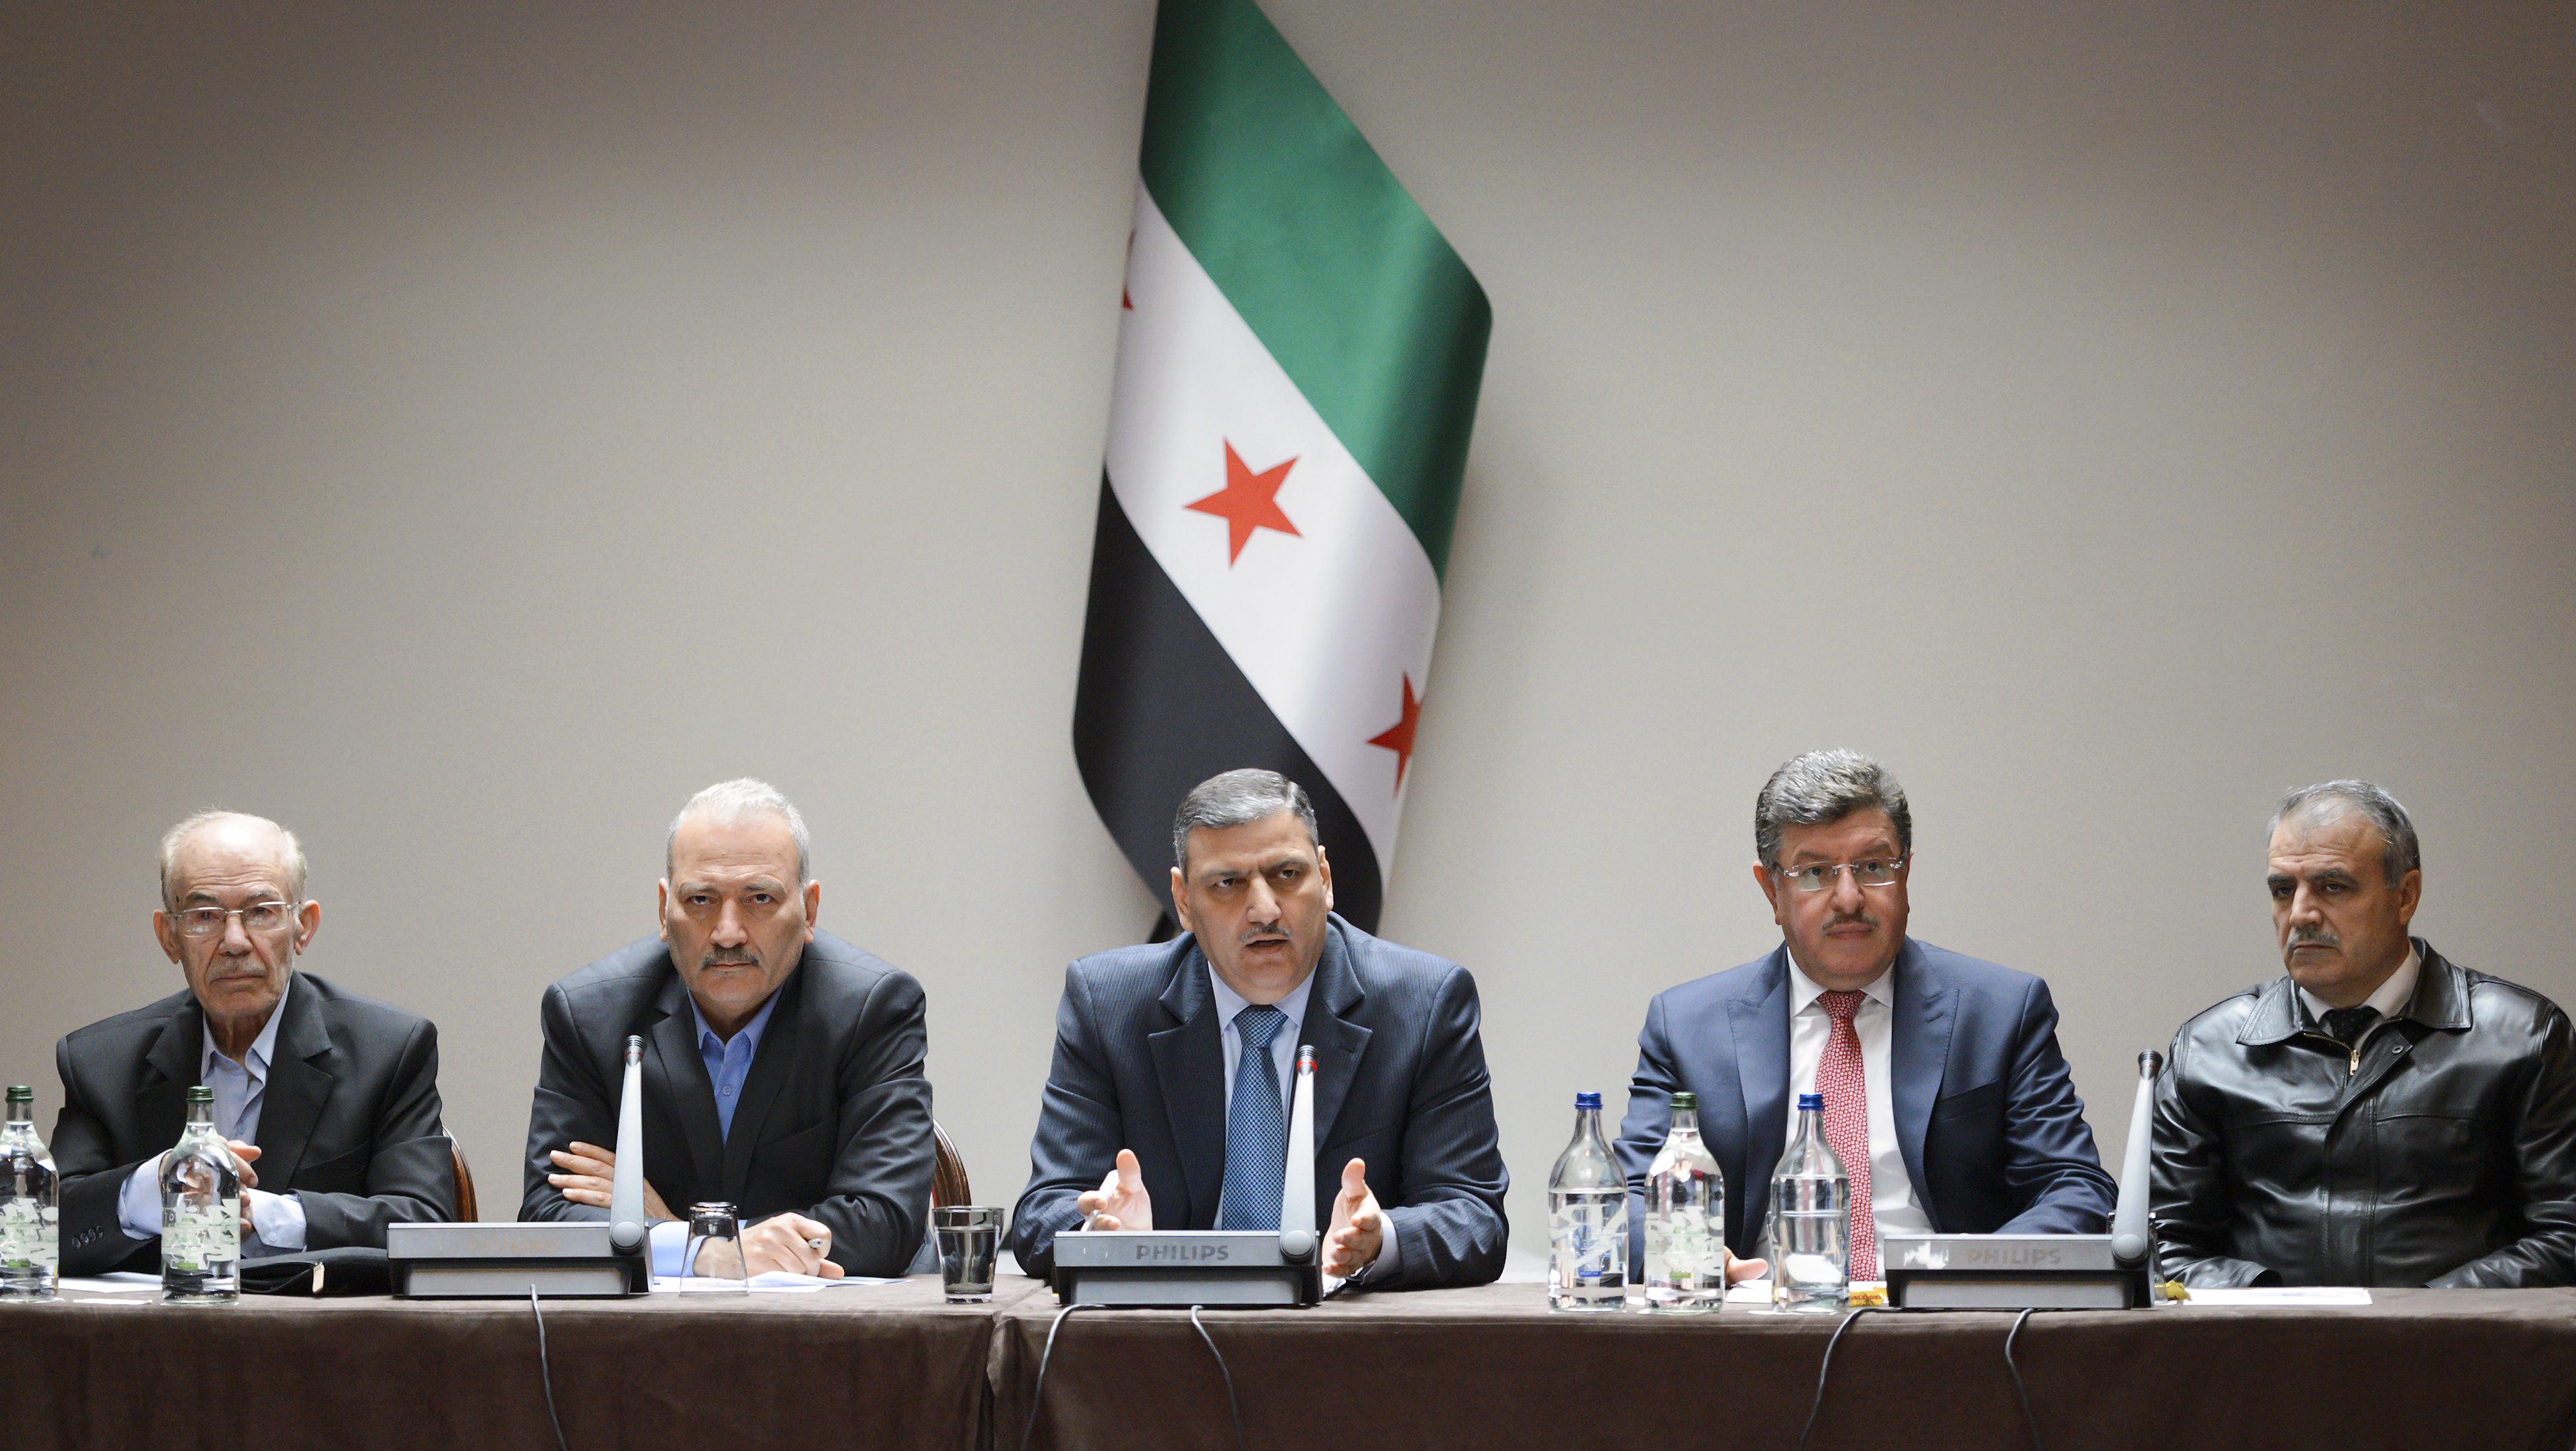 الهيئة العليا للمفاوضات توضح نقاط خلافها مع منصة